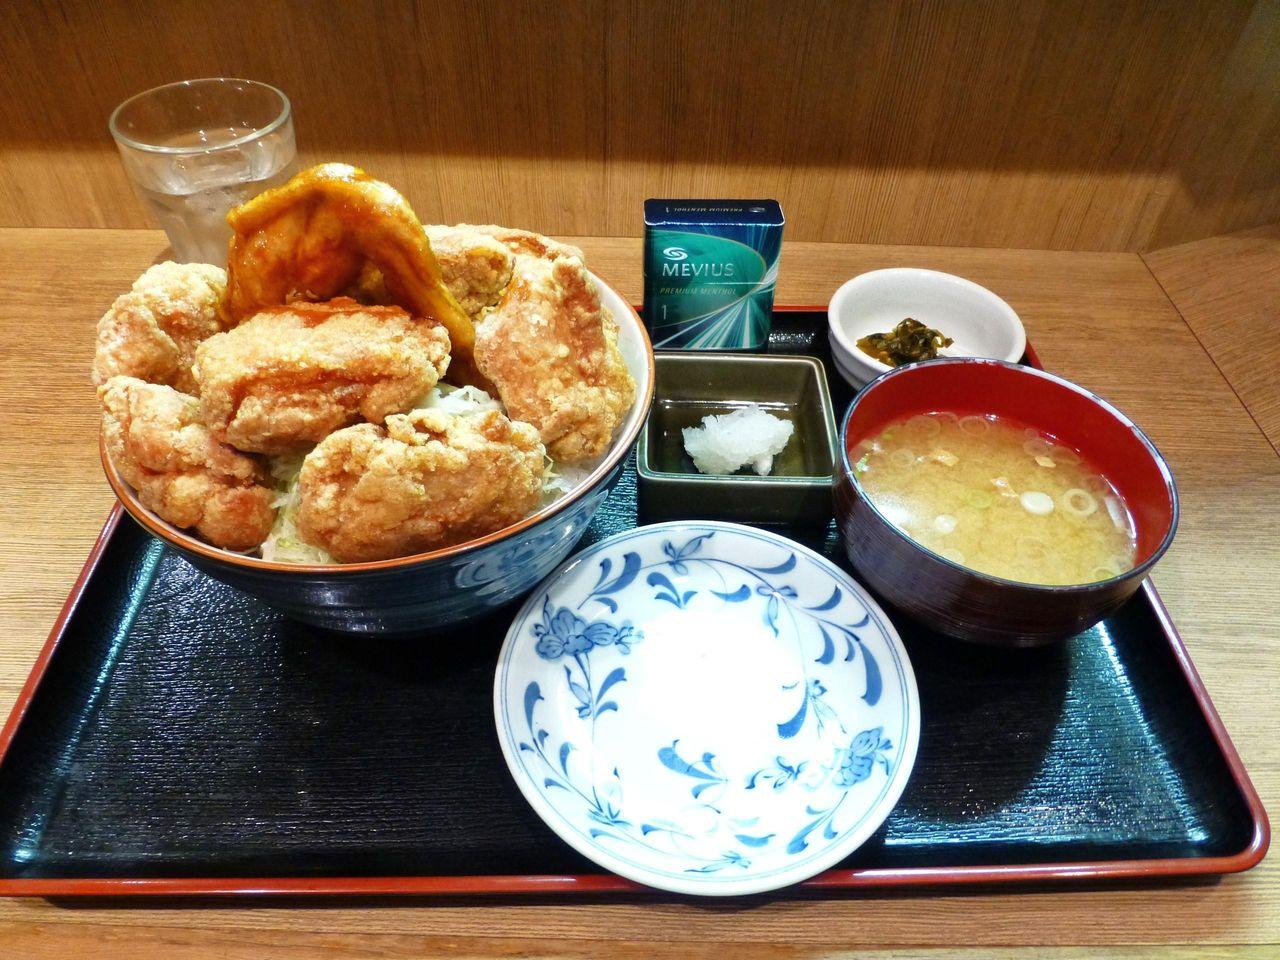 ザンギデカ盛り丼850円は、総重量1キロ超え!